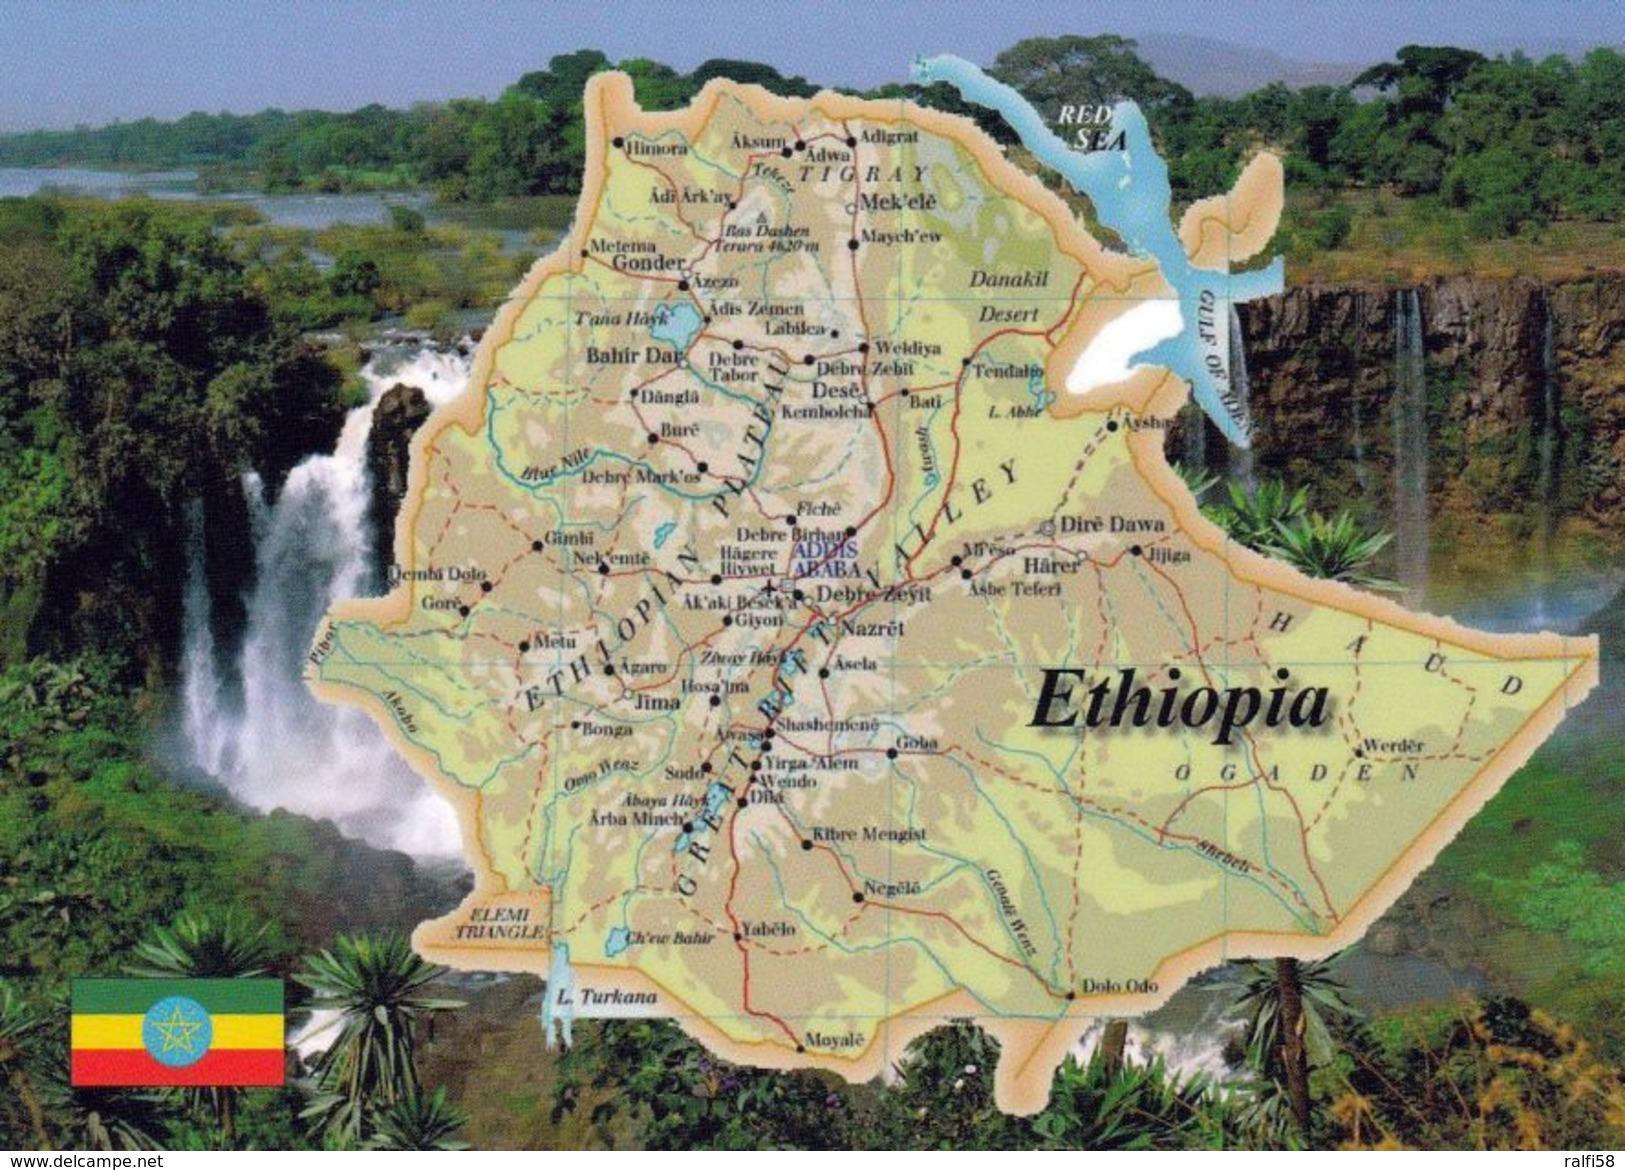 1 MAP Of Ethiopia * 1 Ansichtskarte Mit Der Landkarte Von Äthiopien * - Landkarten